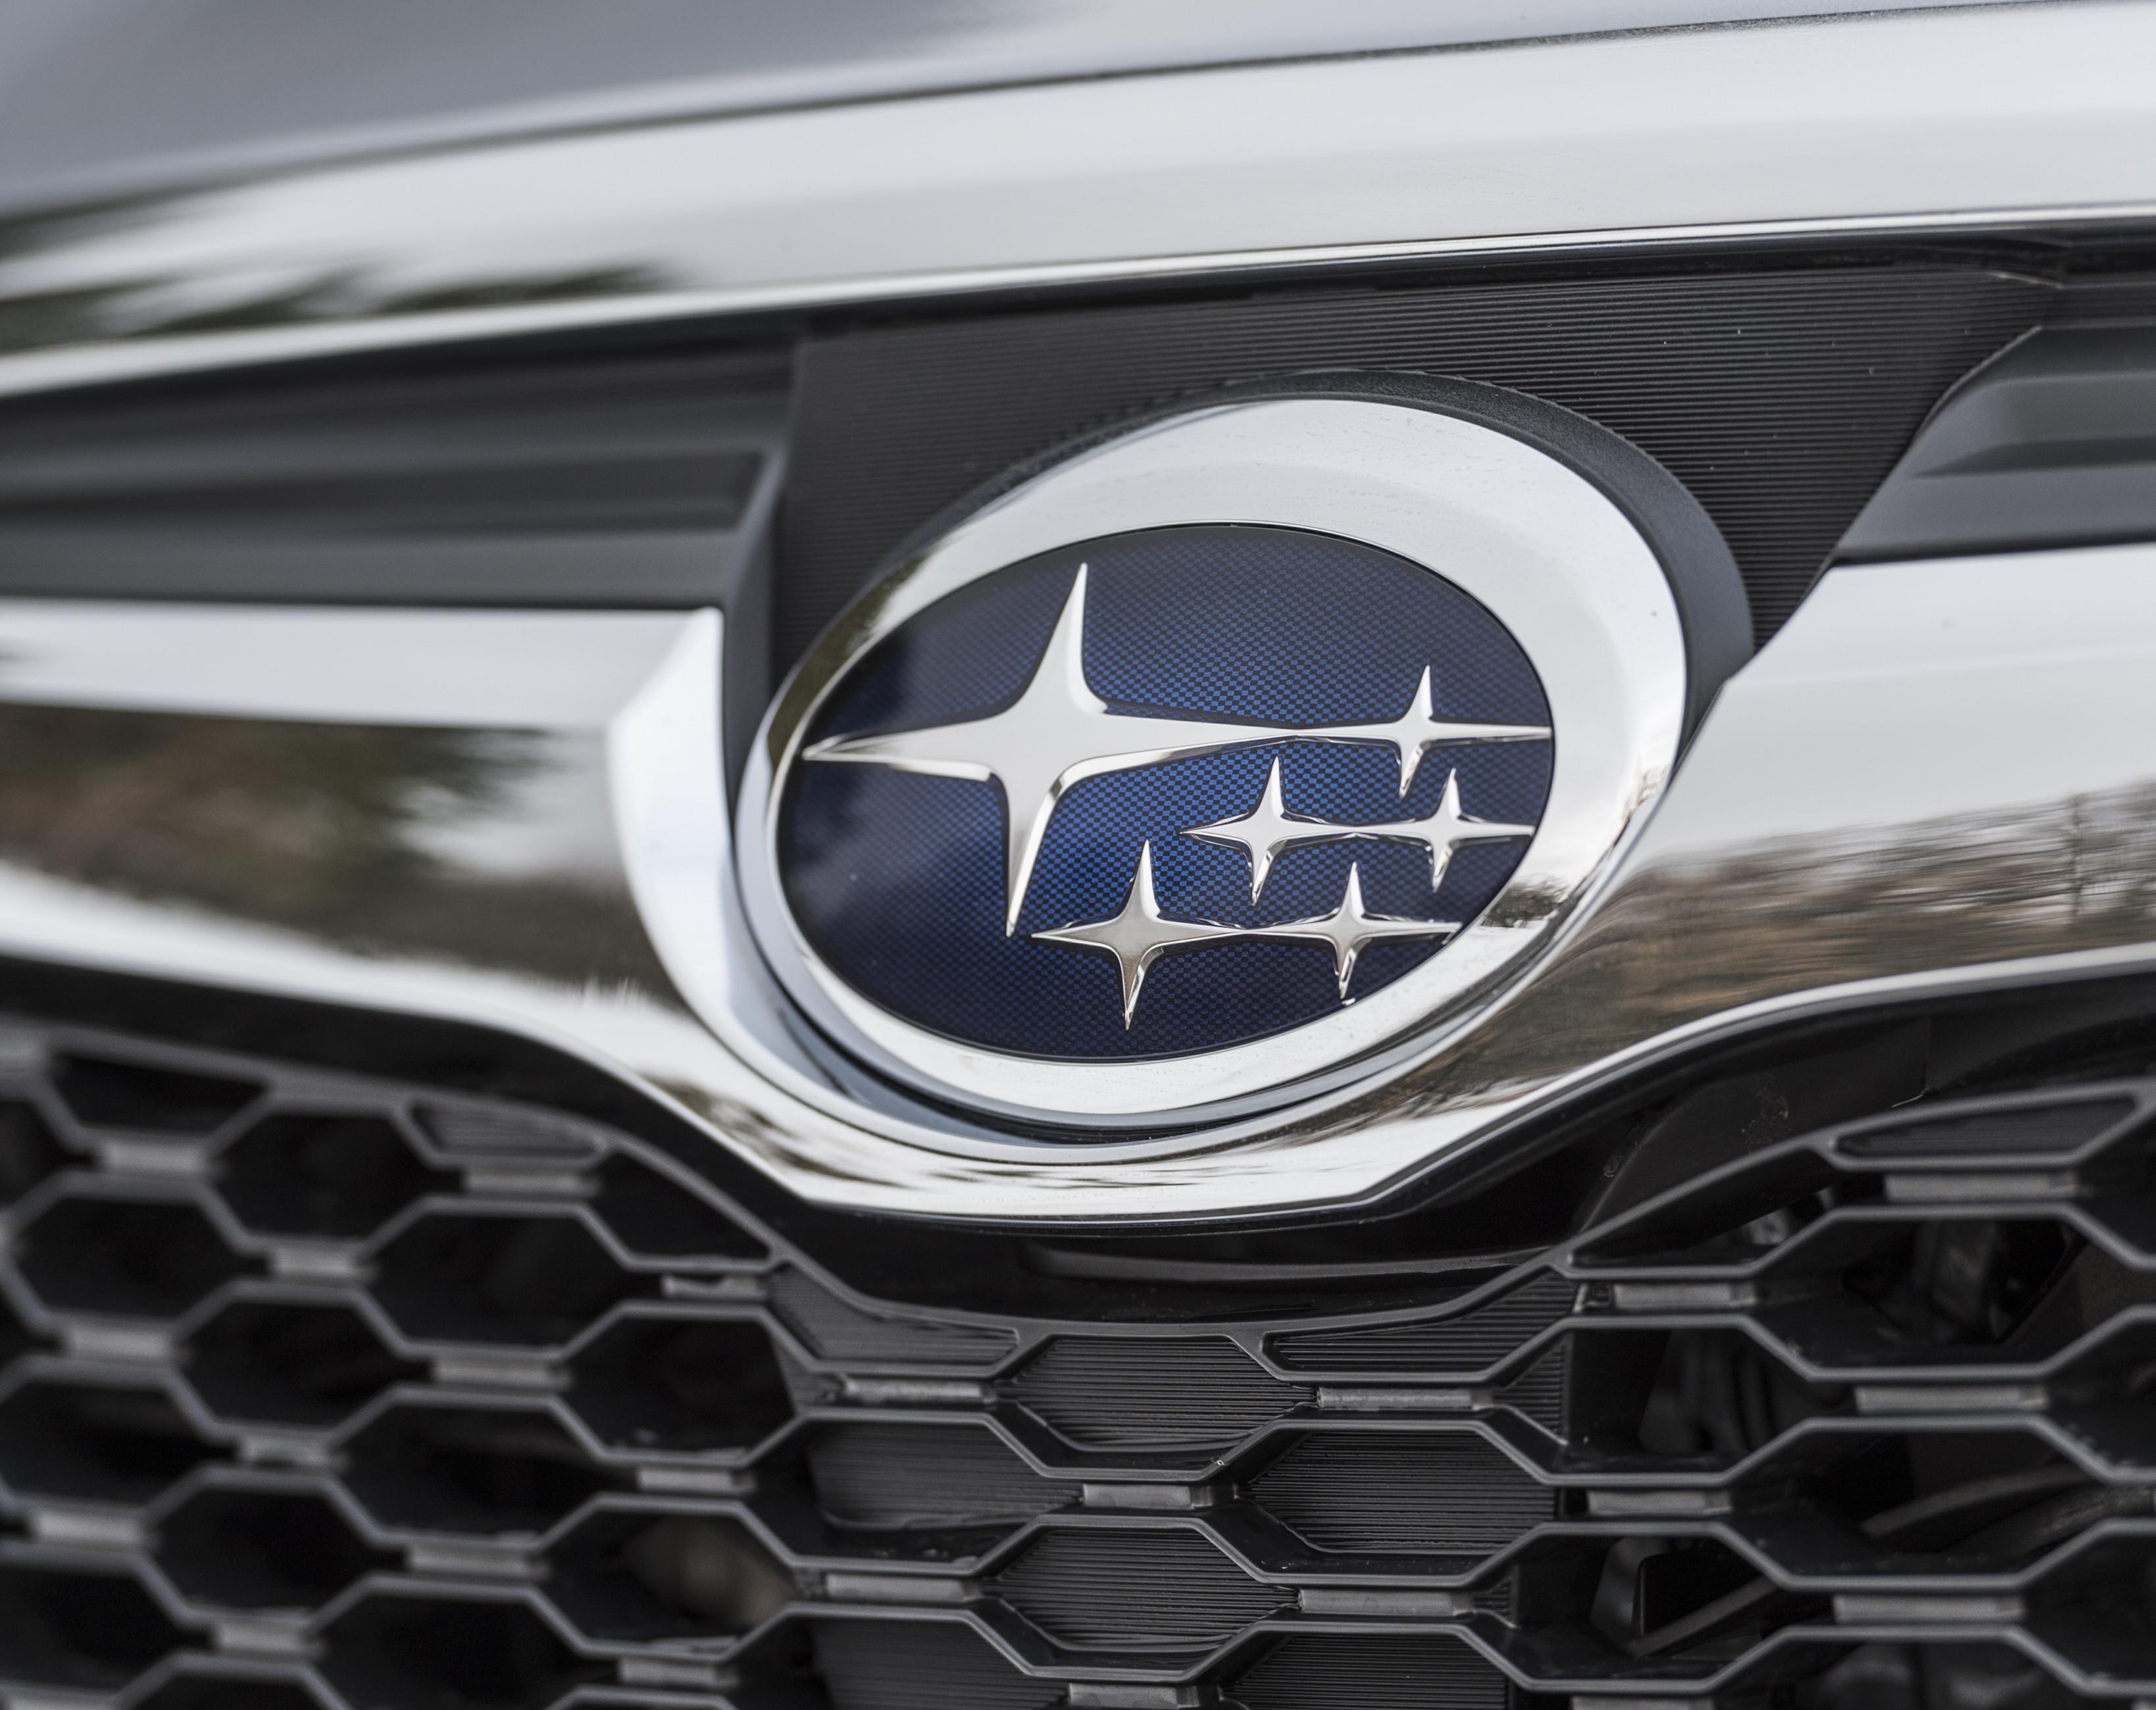 FHI si concentra di più sull'automotive Subaru